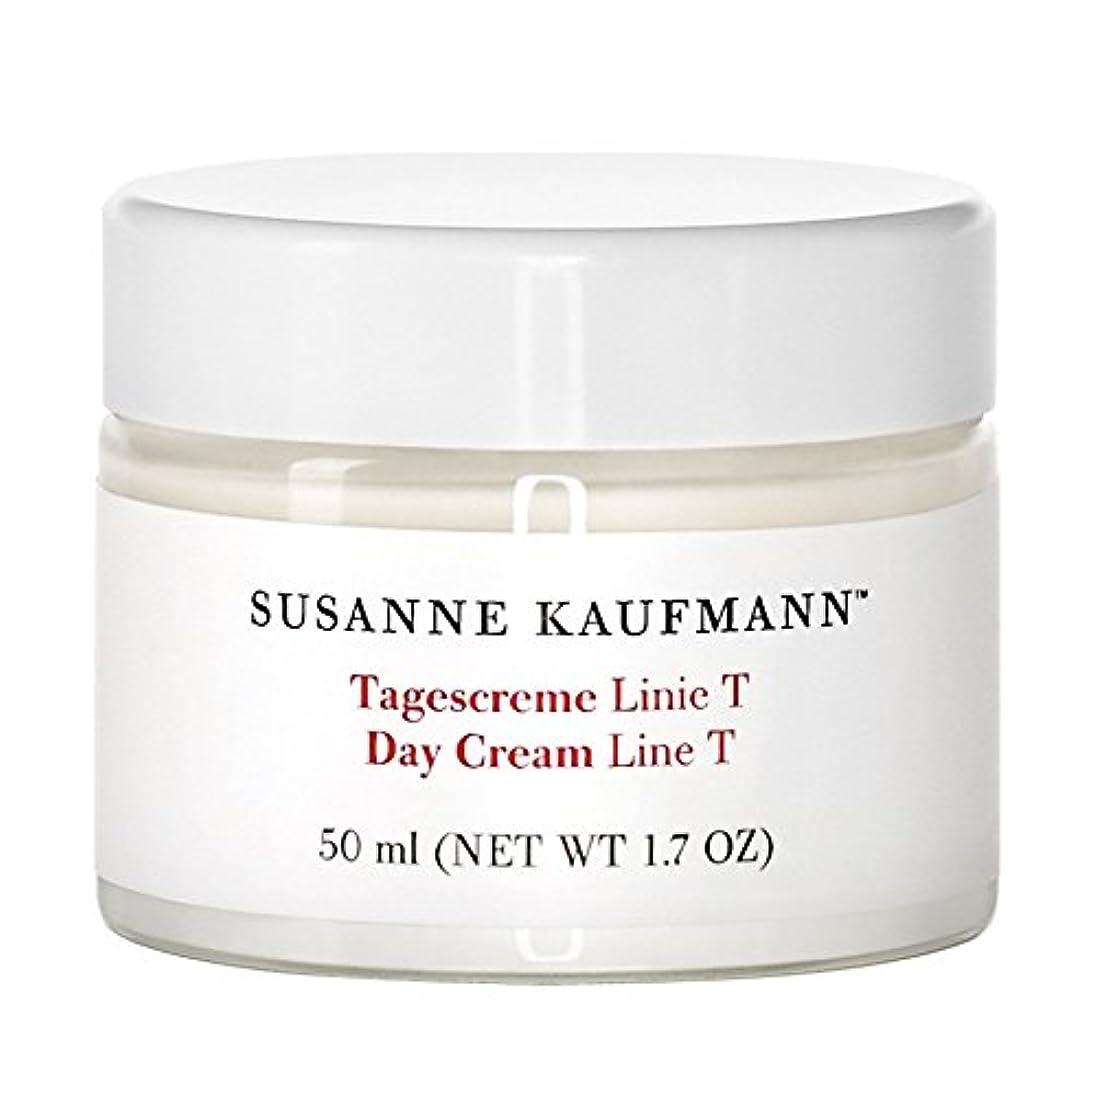 作業メディックの量スザンヌカウフマン日クリームライントンの50ミリリットル x2 - Susanne Kaufmann Day Cream Line T 50ml (Pack of 2) [並行輸入品]